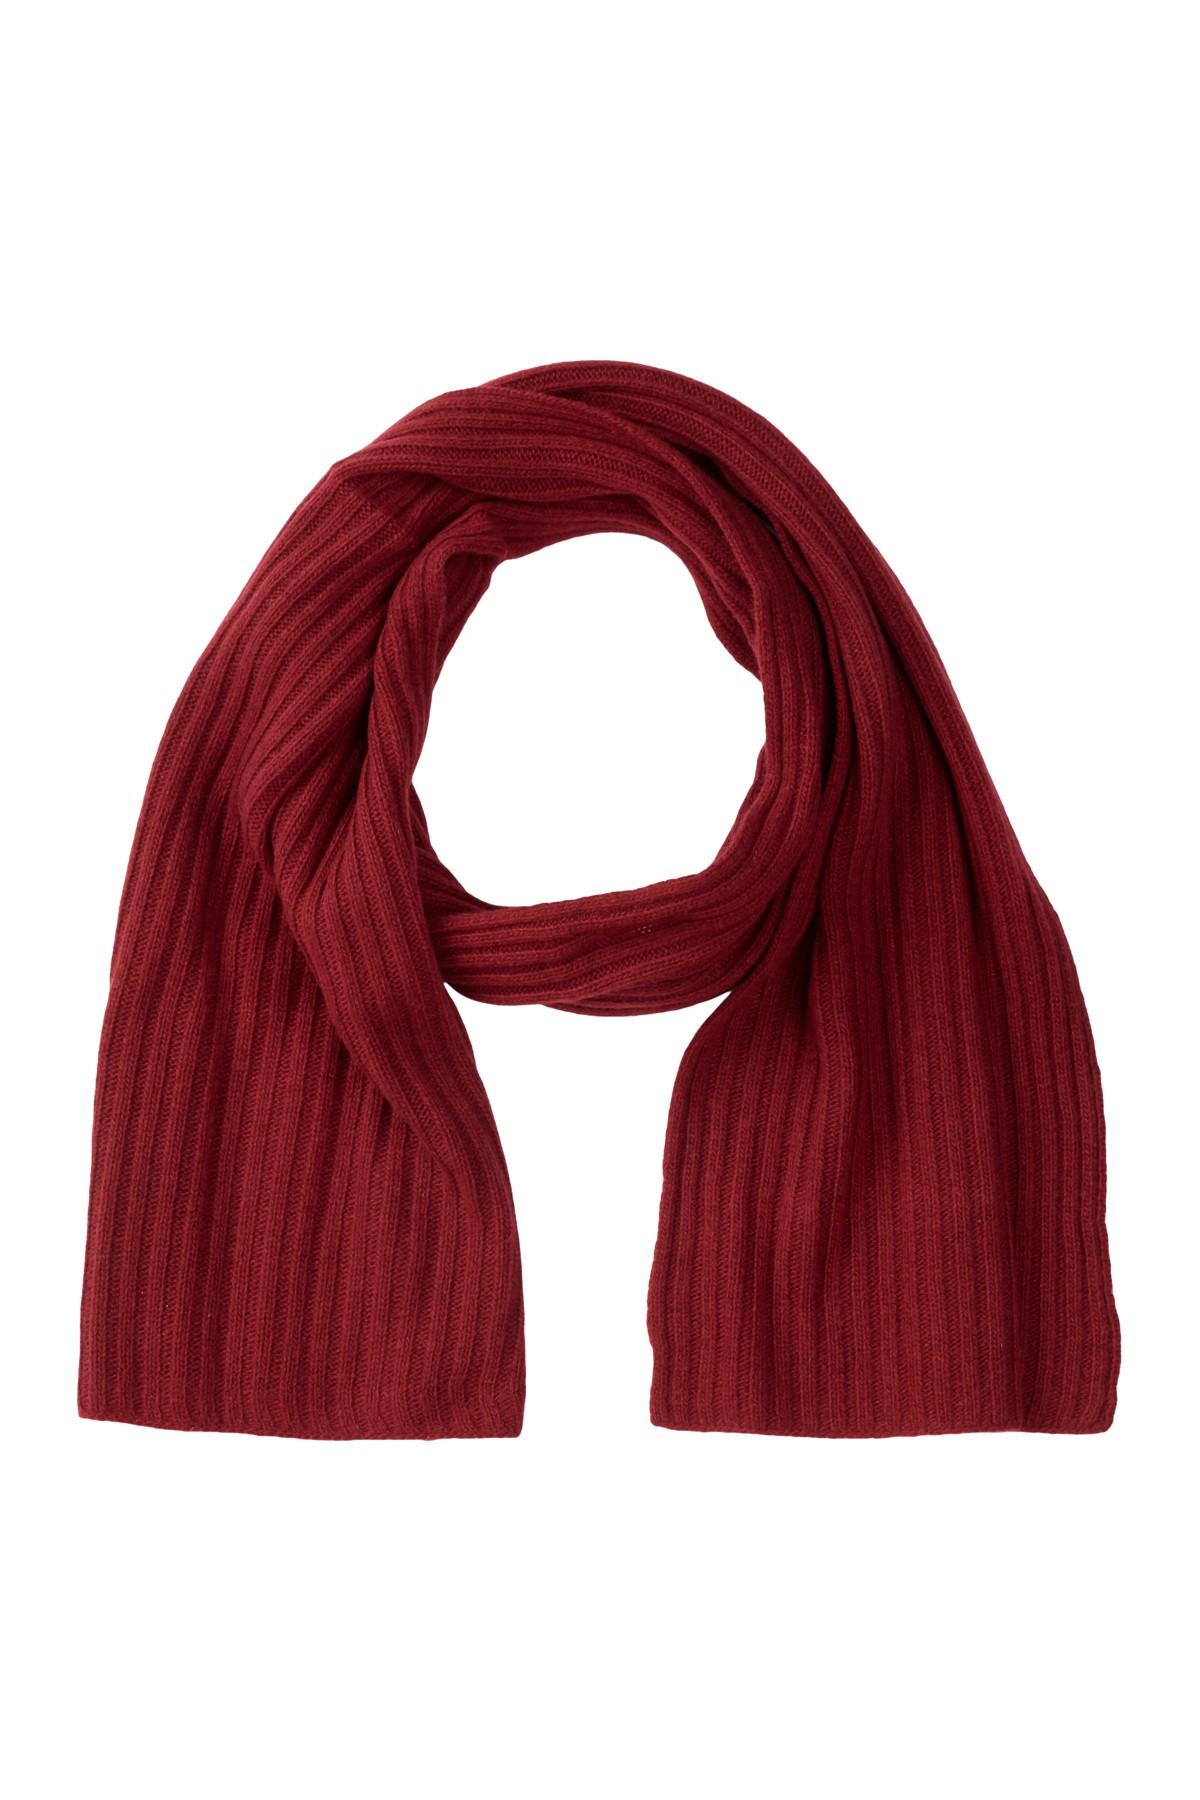 portolano ashton ribbed scarf in ashton